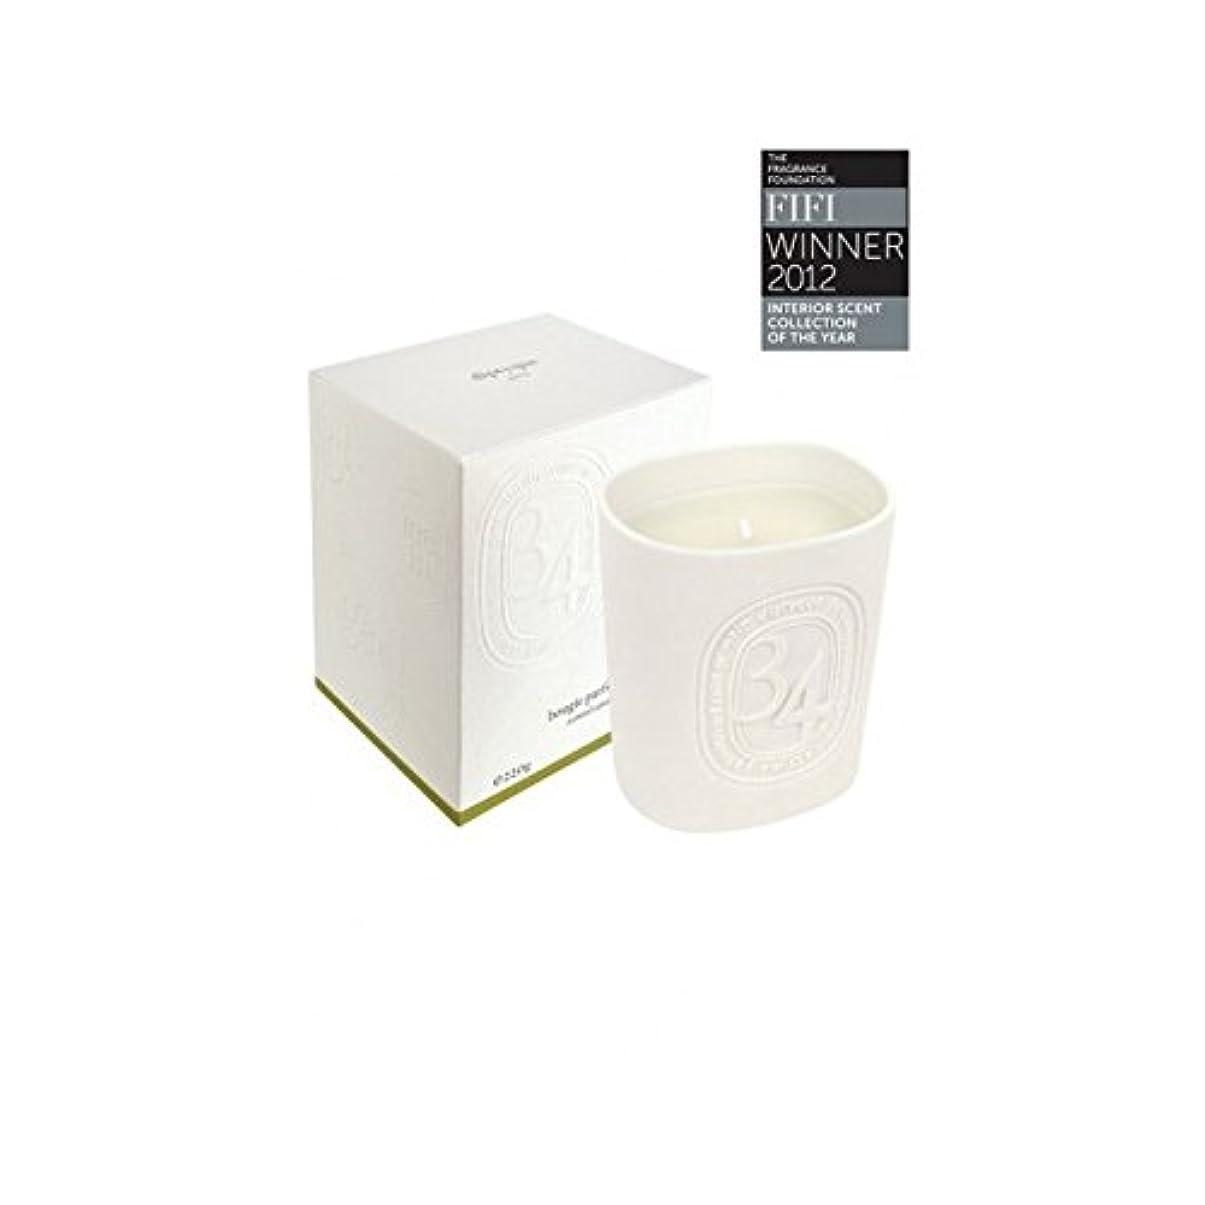 アルコール罰する世界的にDiptyque Collection 34 Boulevard Saint Germain Candle 220g (Pack of 2) - Diptyqueコレクション34大通りサンジェルマンキャンドル220グラム...